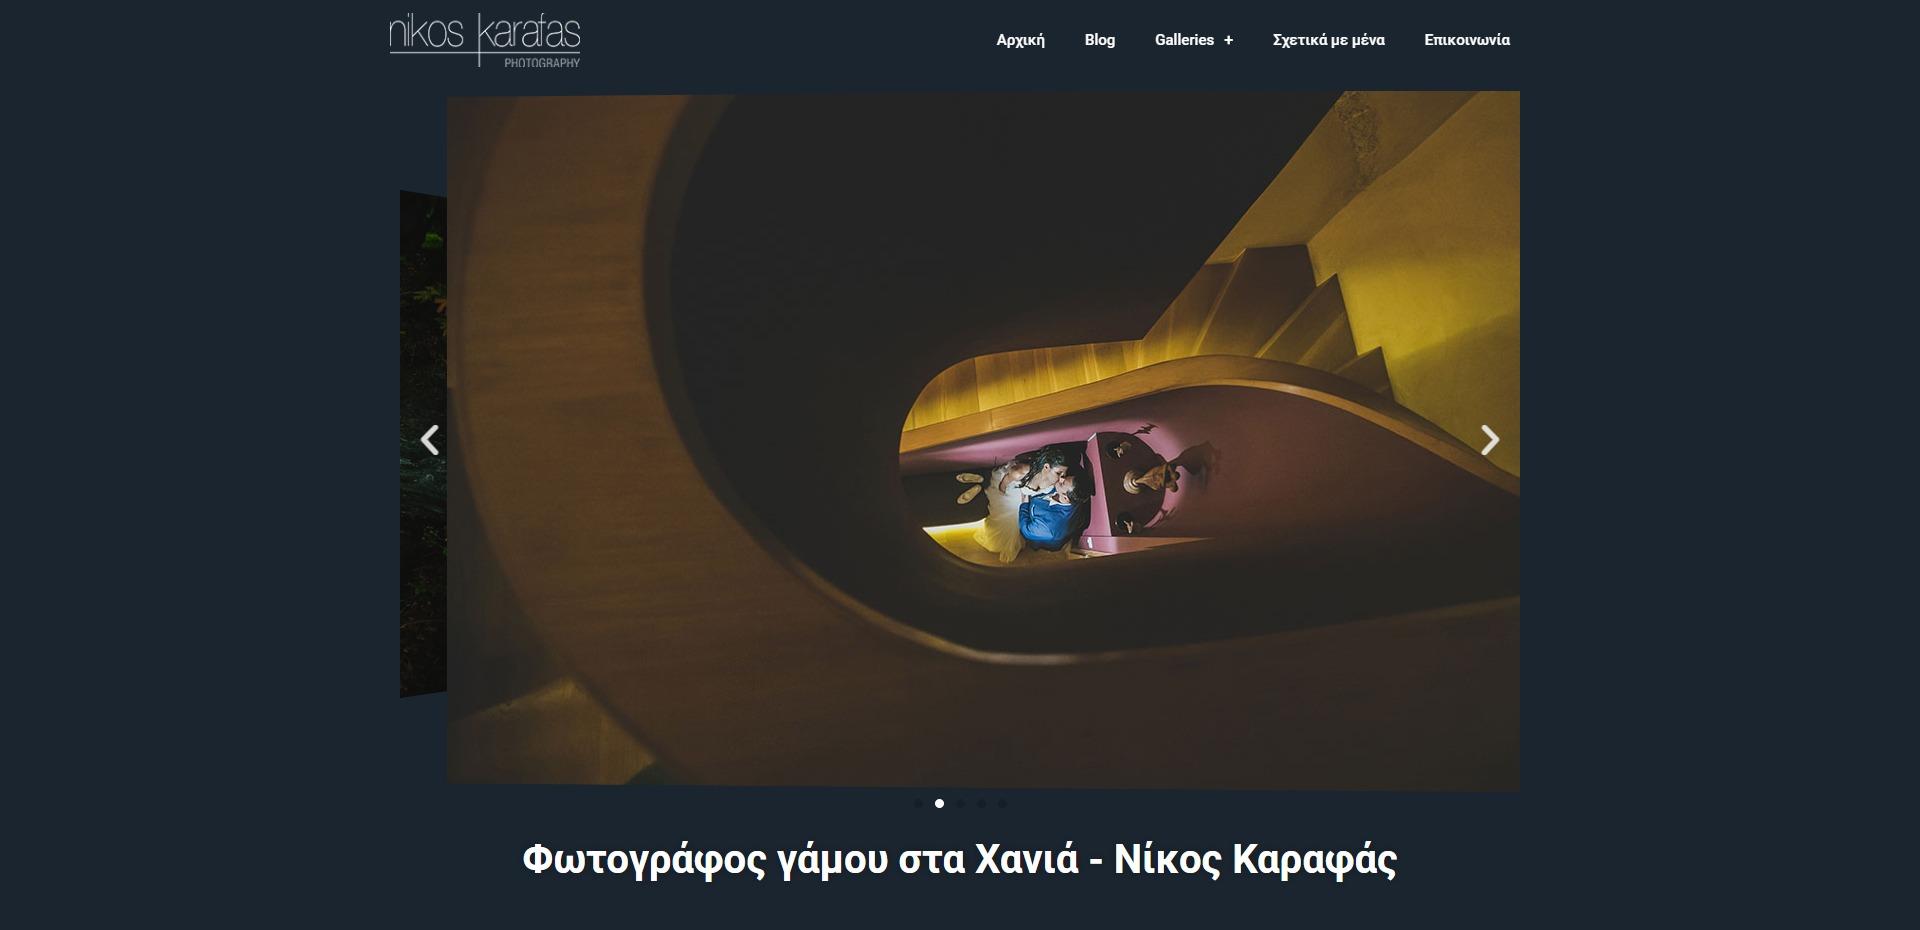 Δείτε την νέα ιστοσελίδα του Φωτογράφου Νίκου Καραφά (φωτο)